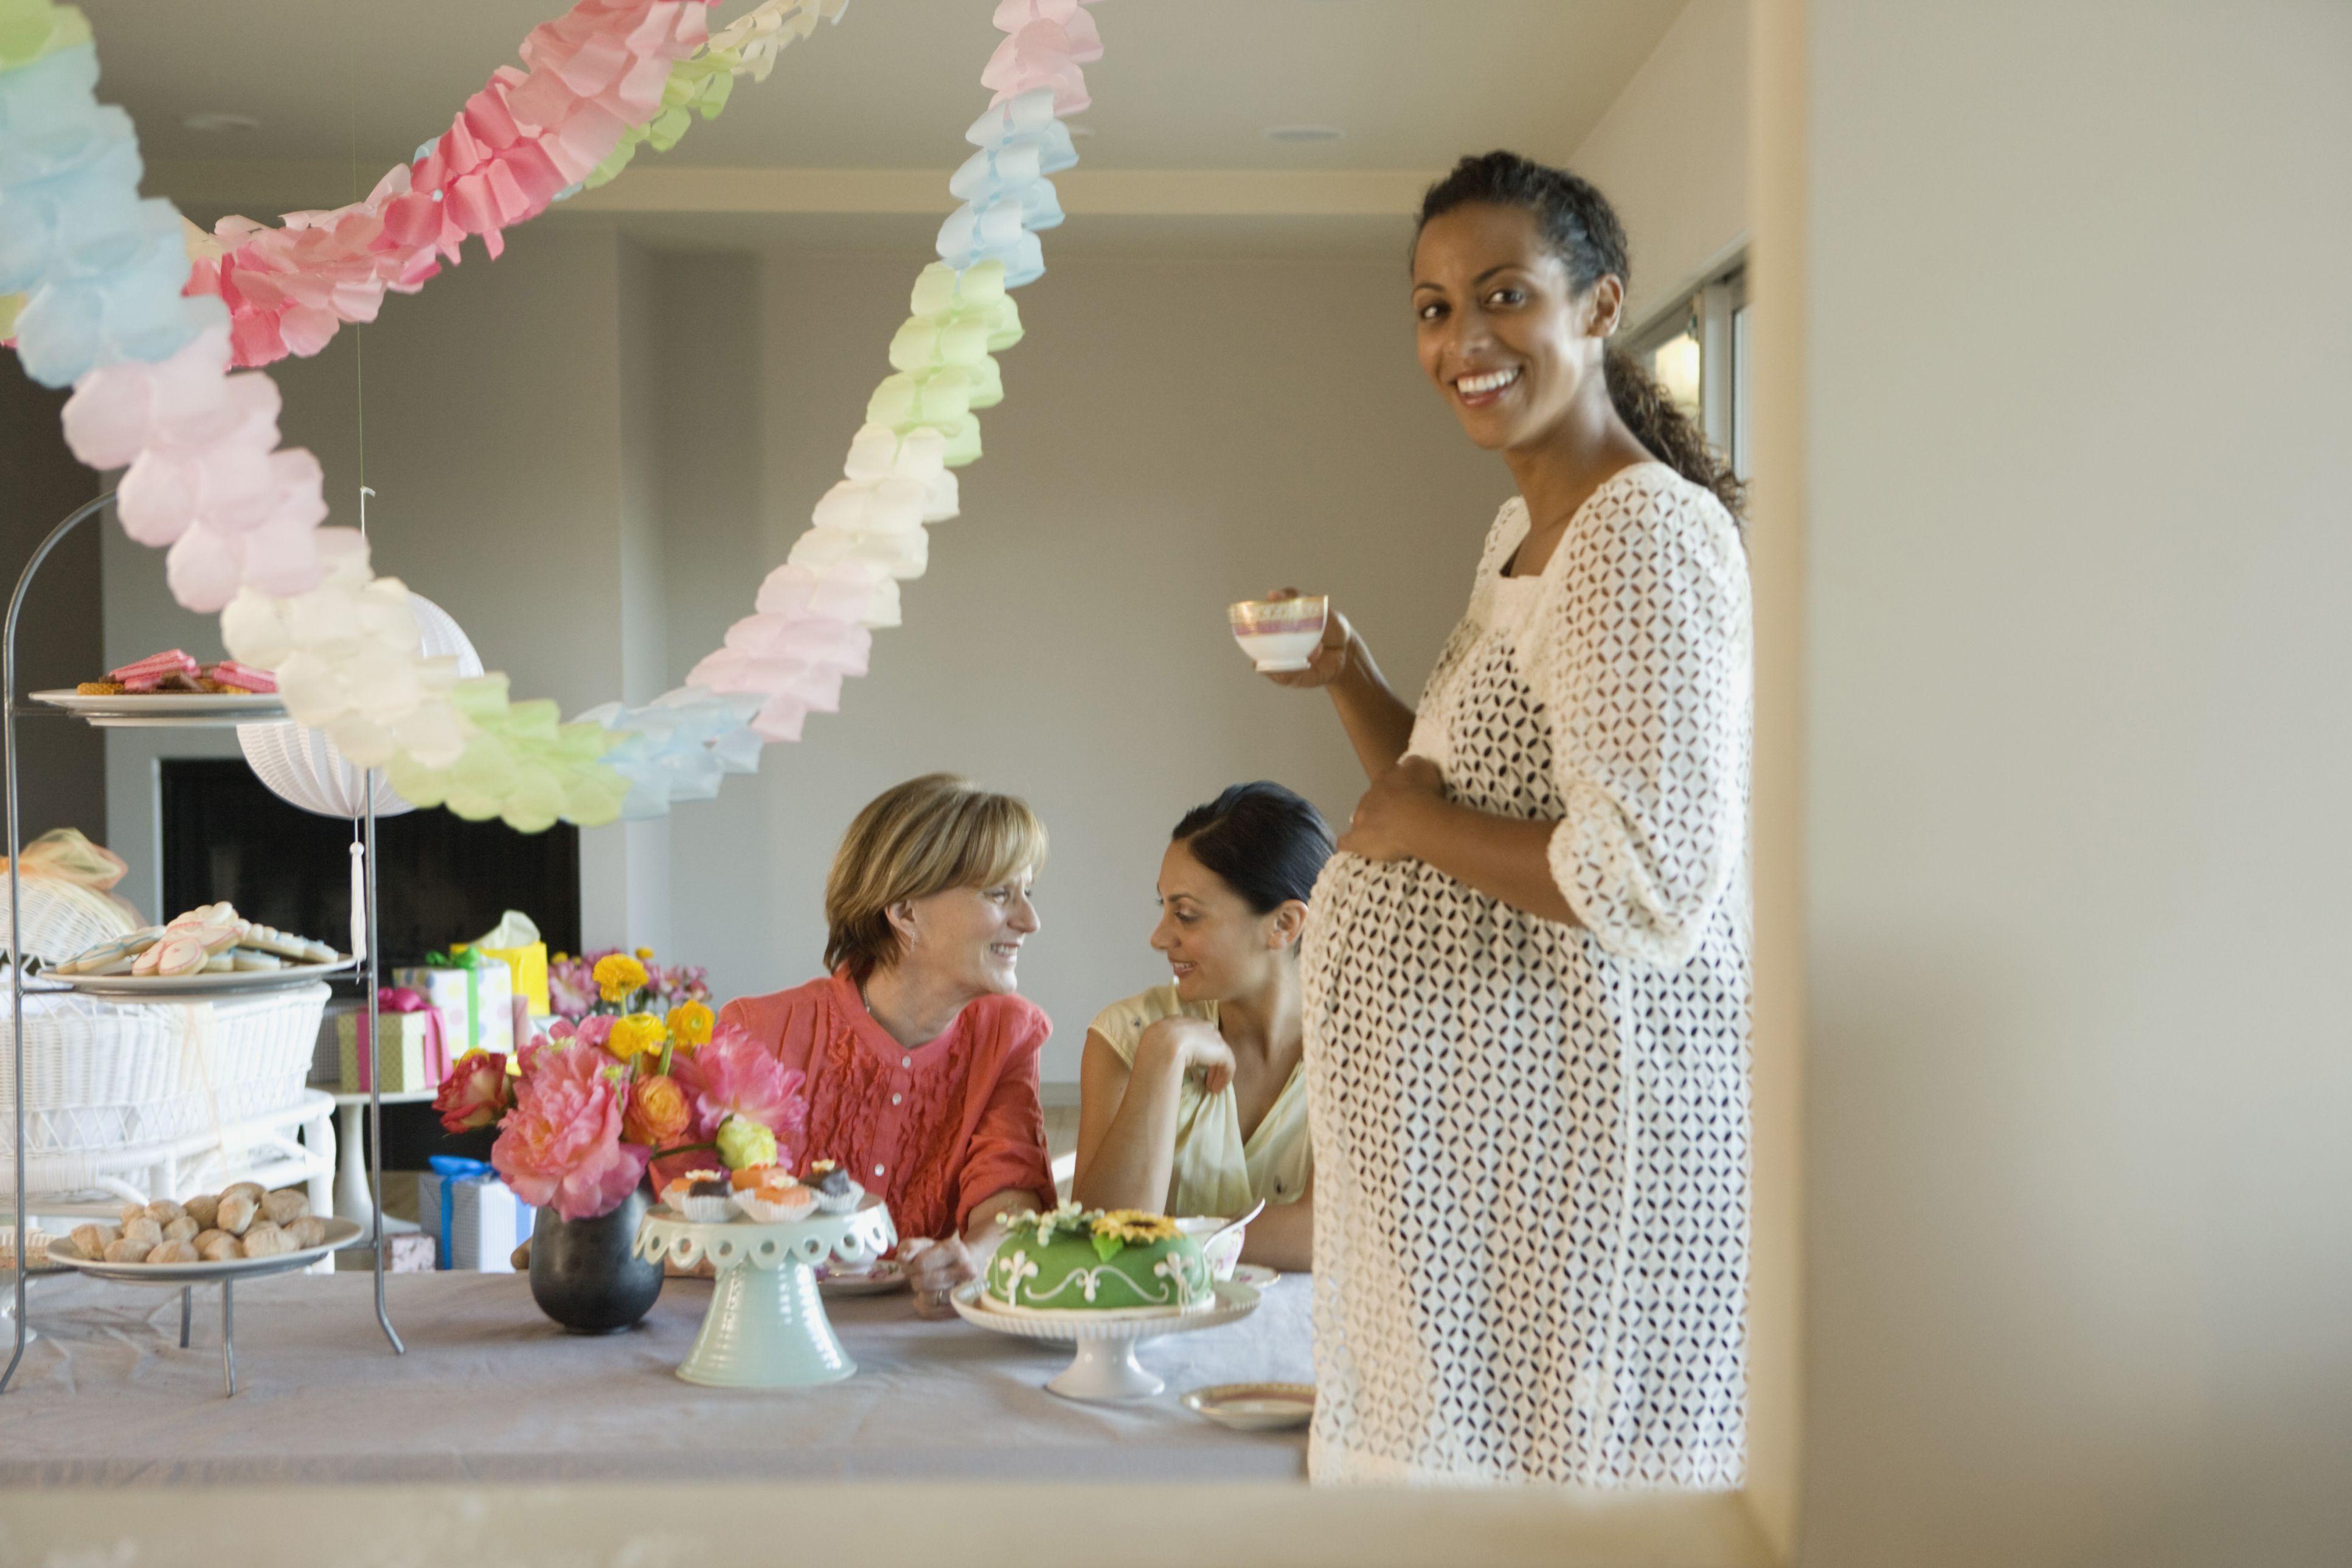 Mujeres disfrutando de un baby shower